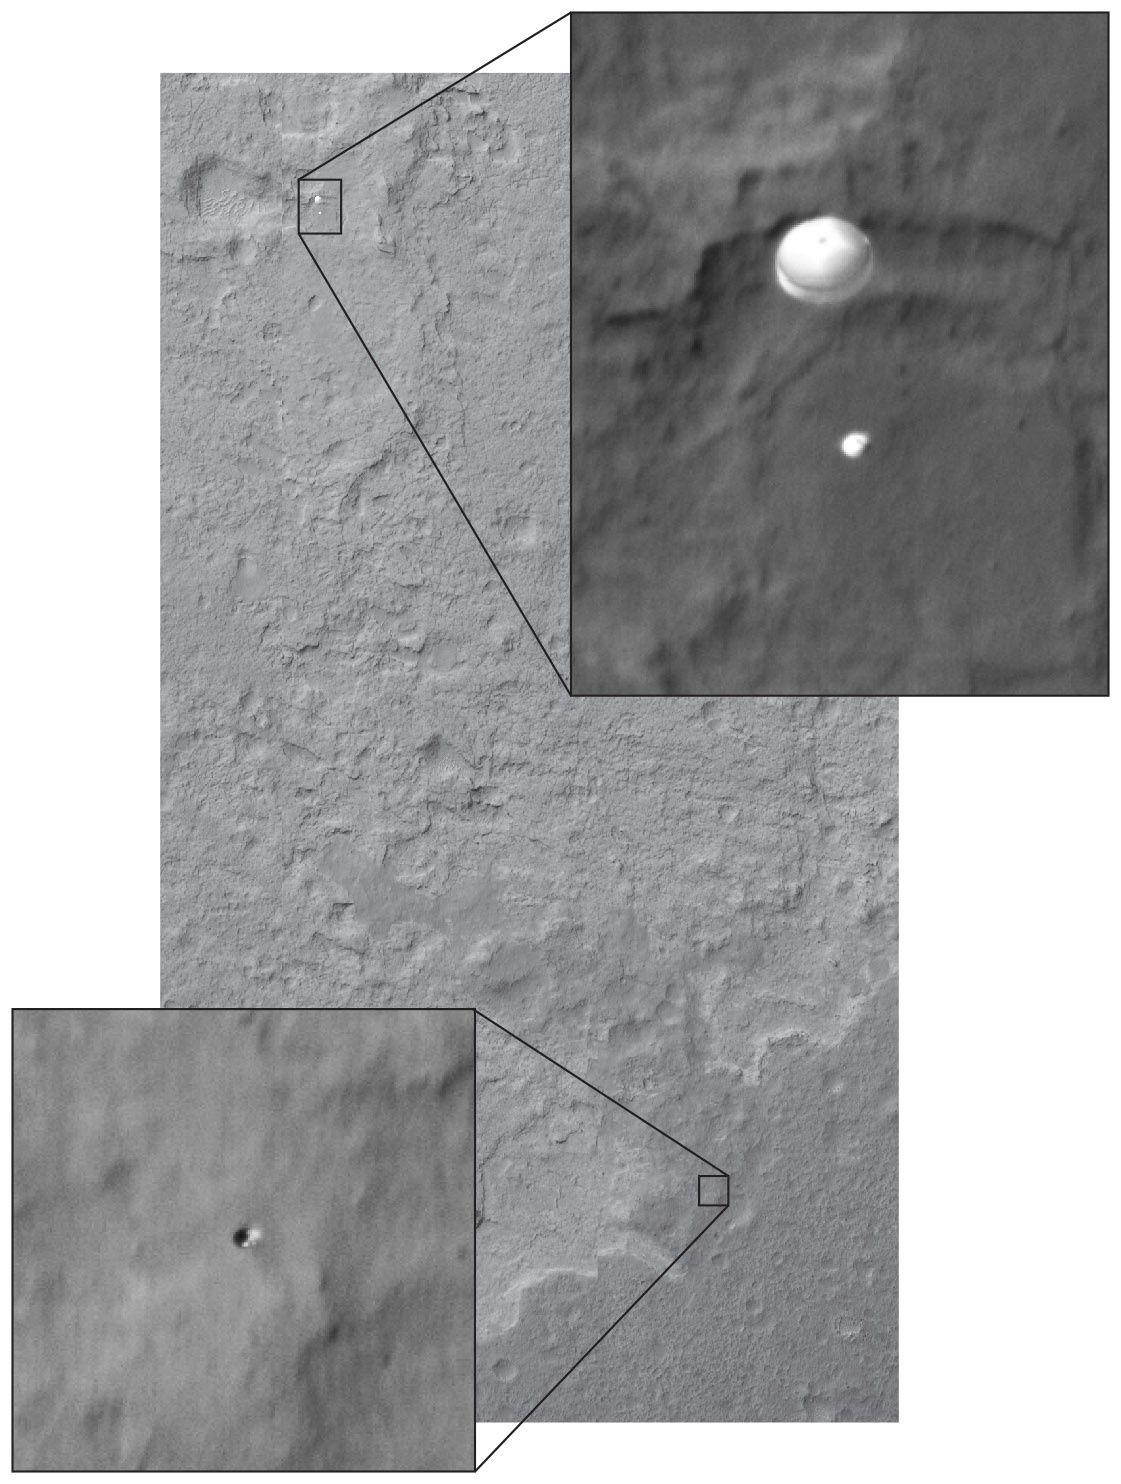 In questa composizione grafica è visibile, oltre al paracadute a cui è appeso il rover, anche lo scudo termico (riquadro in basso), probabilmente ancora in caduta libera, sganciato pochi minuti prima della foto. Cortesia: NASA/JPL/University of Arizona